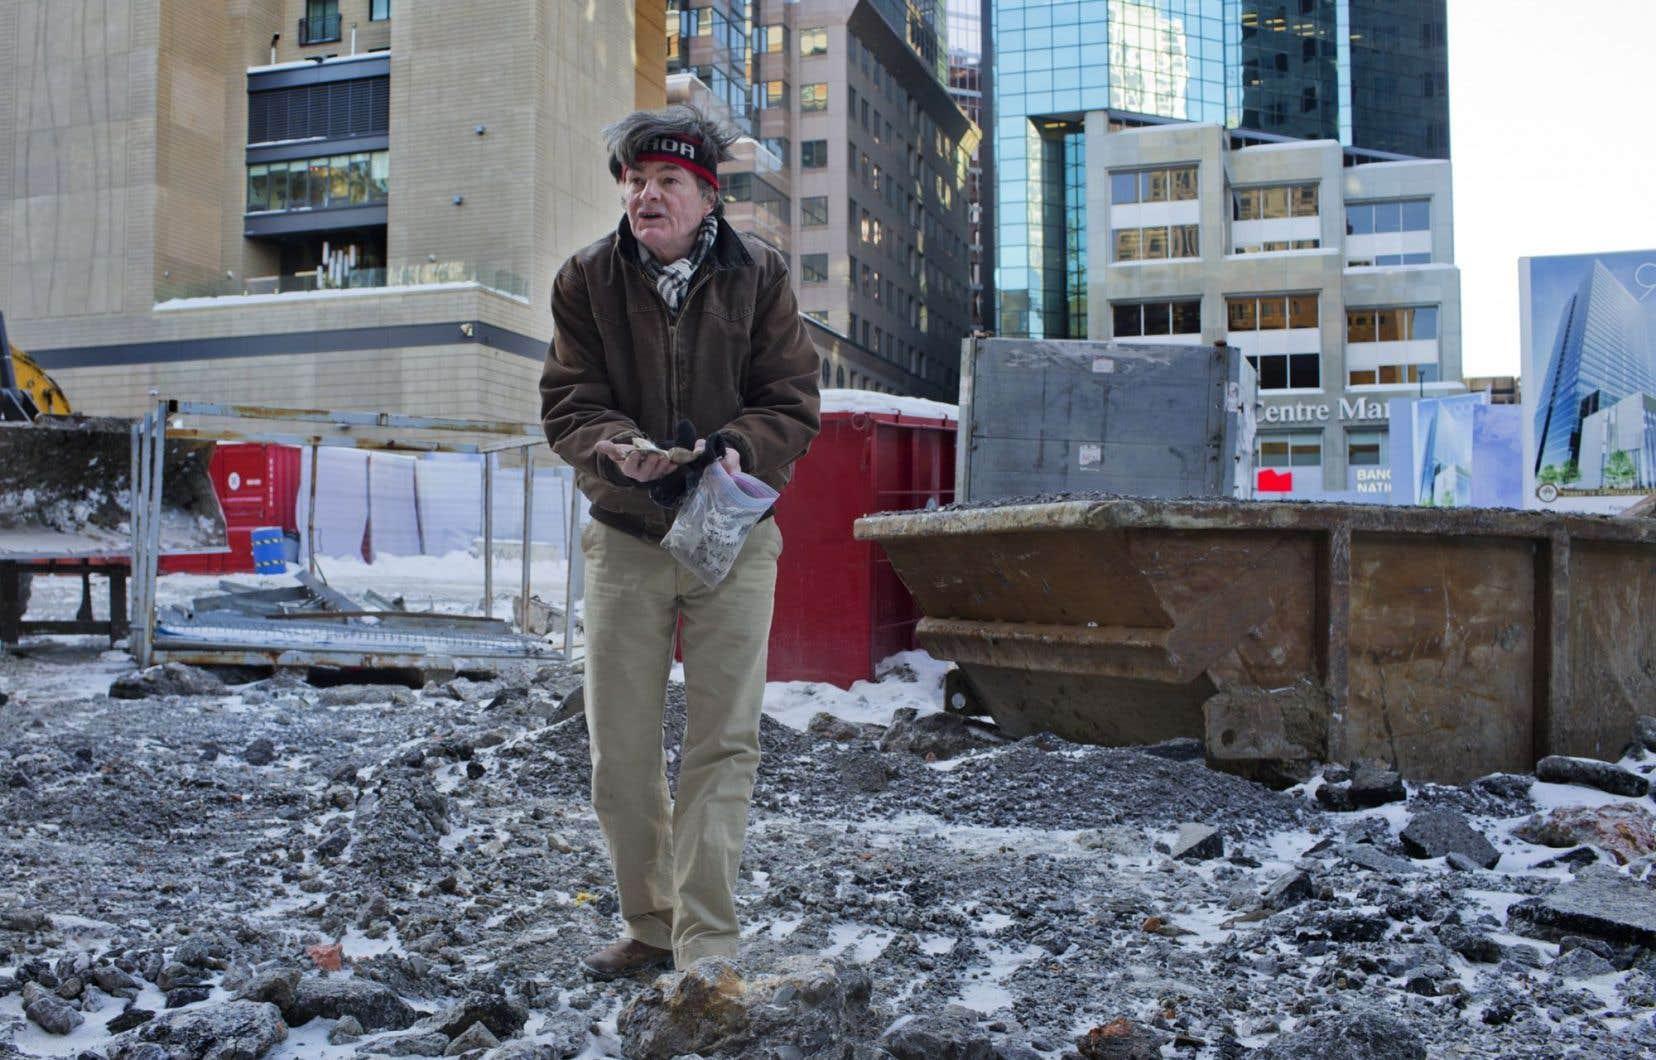 C'est Robert Galbraith, un passionné d'archéologie, qui a convaincu seul le ministère de la Culture de demander à Ivanhoé Cambridge d'arrêter les travaux d'excavation au 900, boulevard De Maisonneuve Ouest. Sous le sol du futur gratte-ciel pourraient se trouver des vestiges d'un ancien village iroquoien.